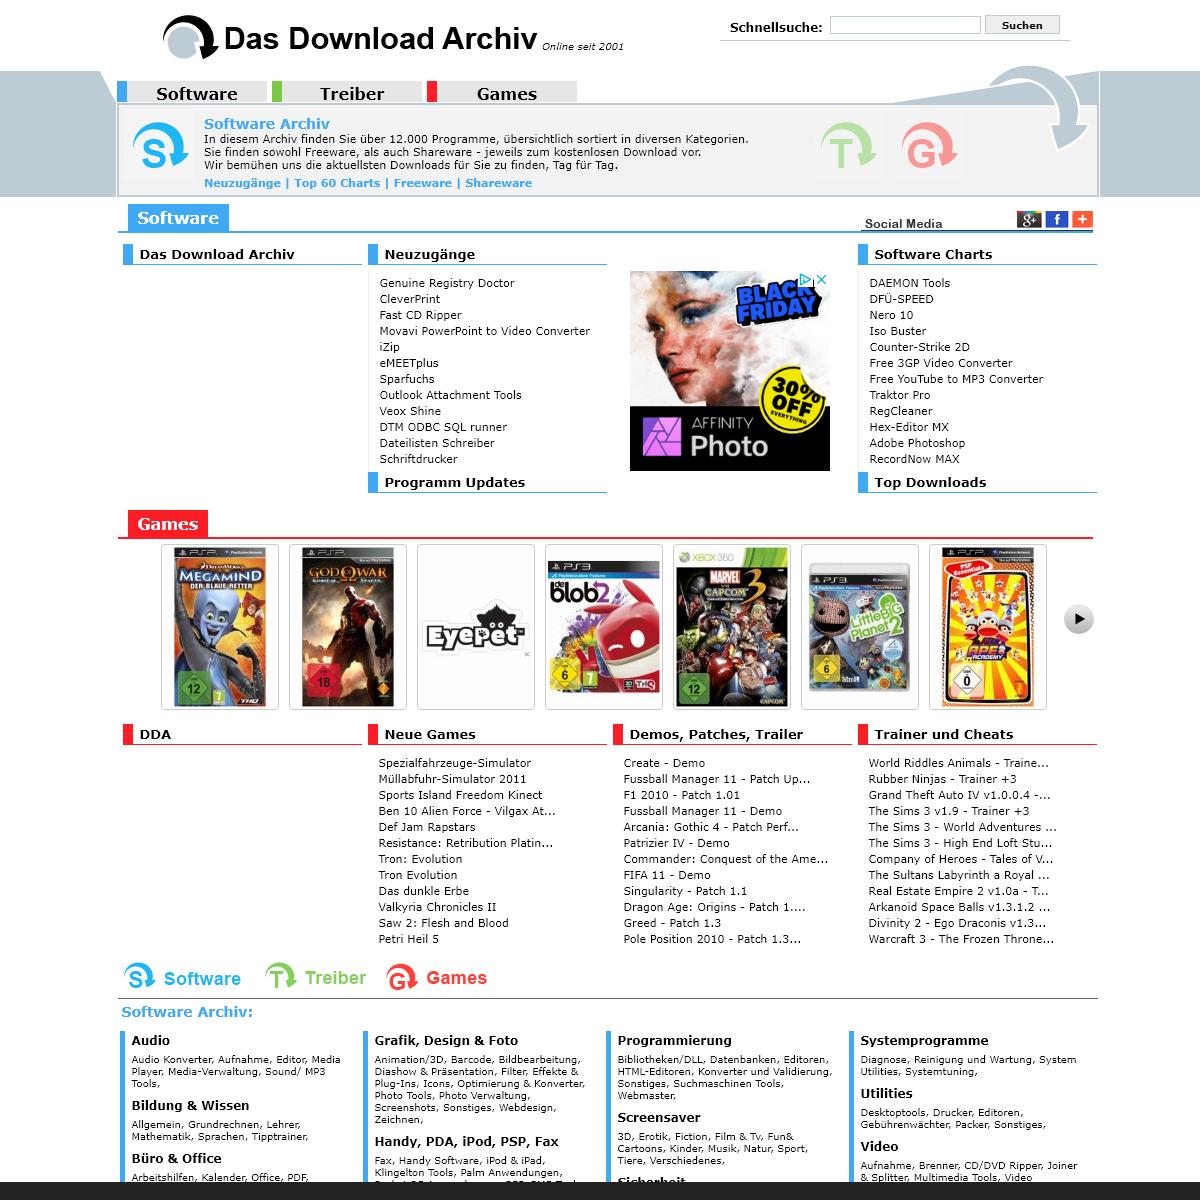 Das Download Archiv - Software - Treiber - Games -DDA